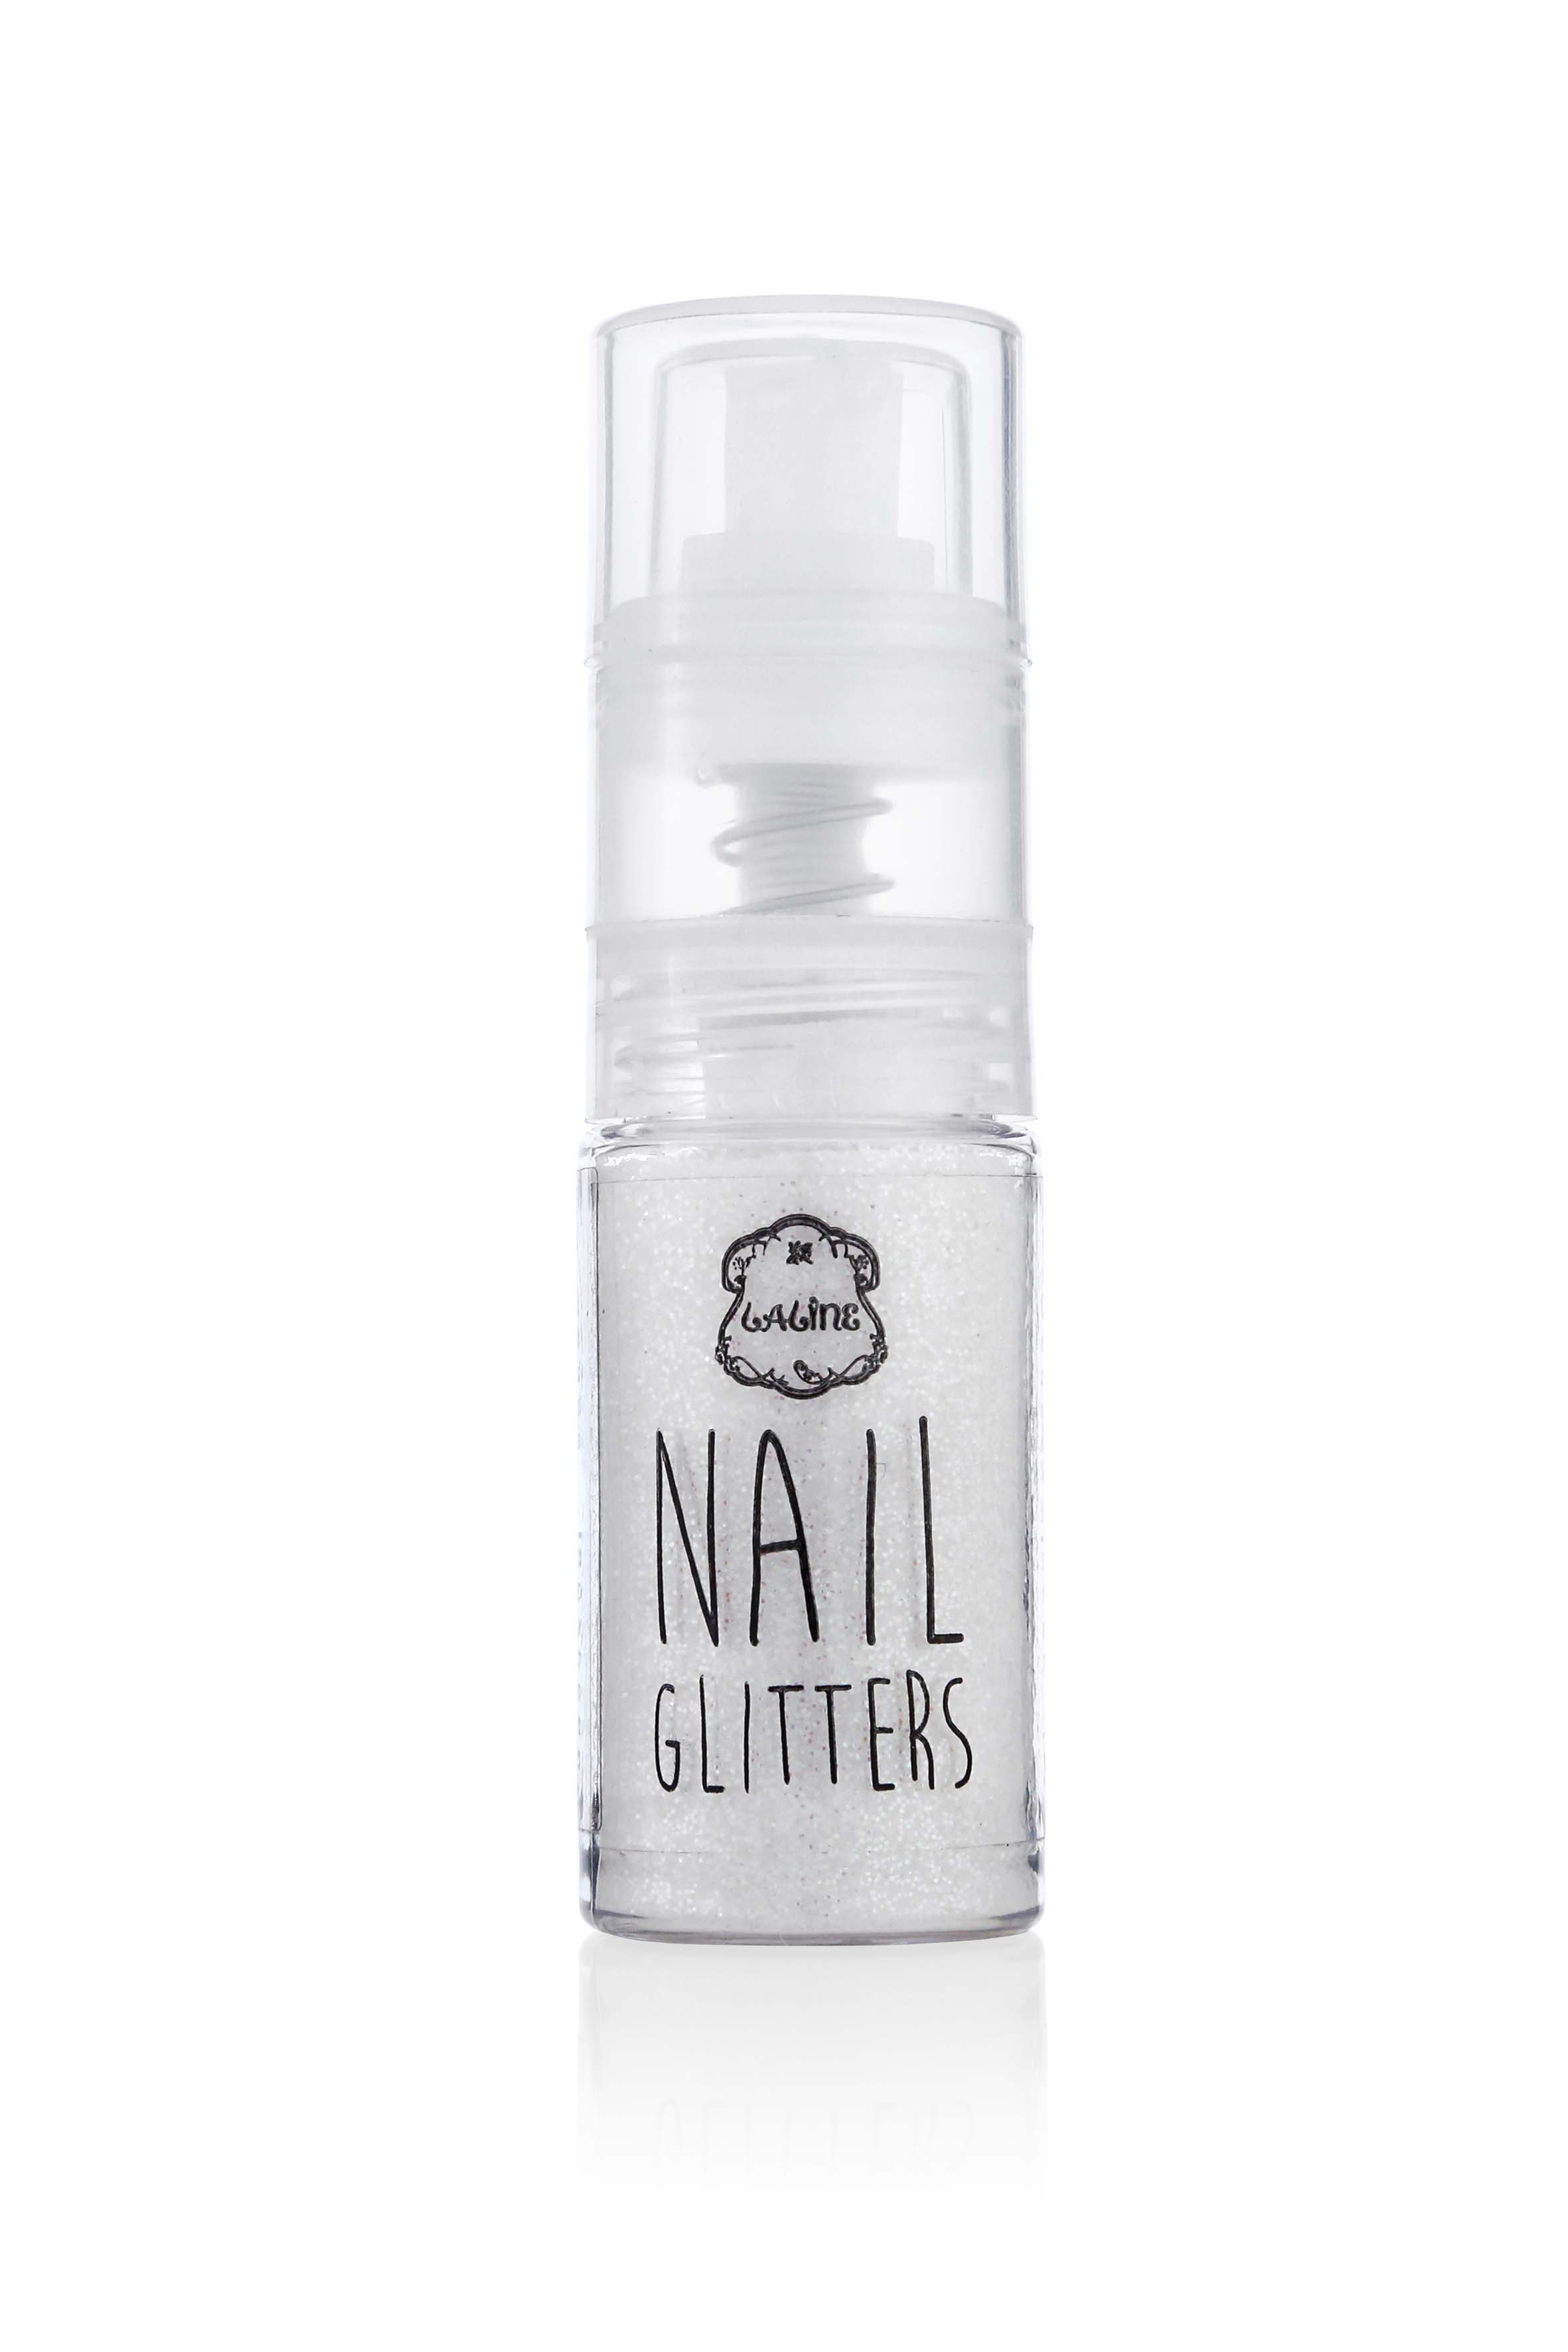 צילום מוצר לק לציפרניים Nail Glitters - עבור חברת ללין